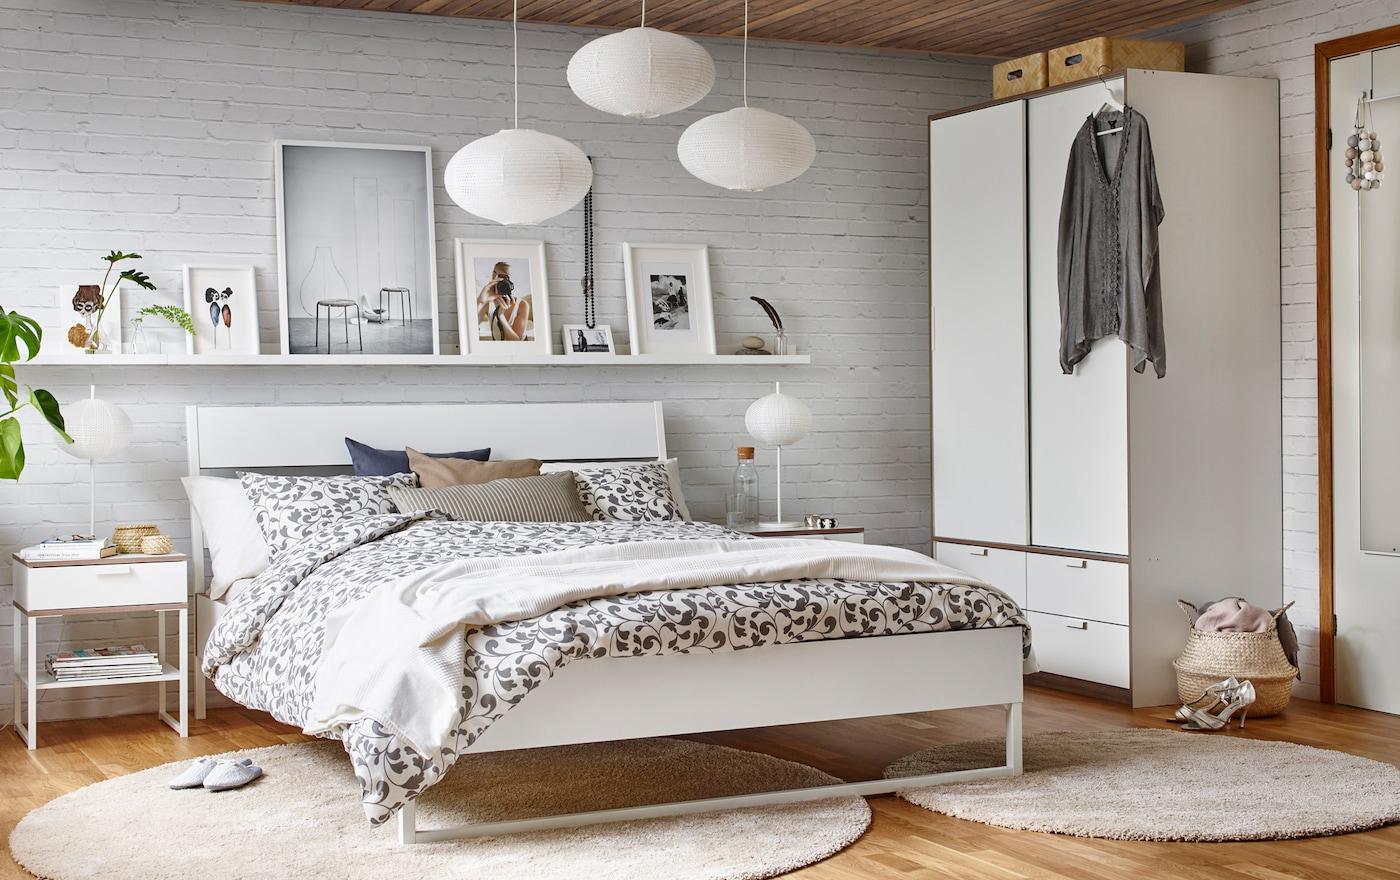 Wit met lichgrijze slaapkamer met een houten vloer, witte bakstenen muur en een tweepersoonsbed